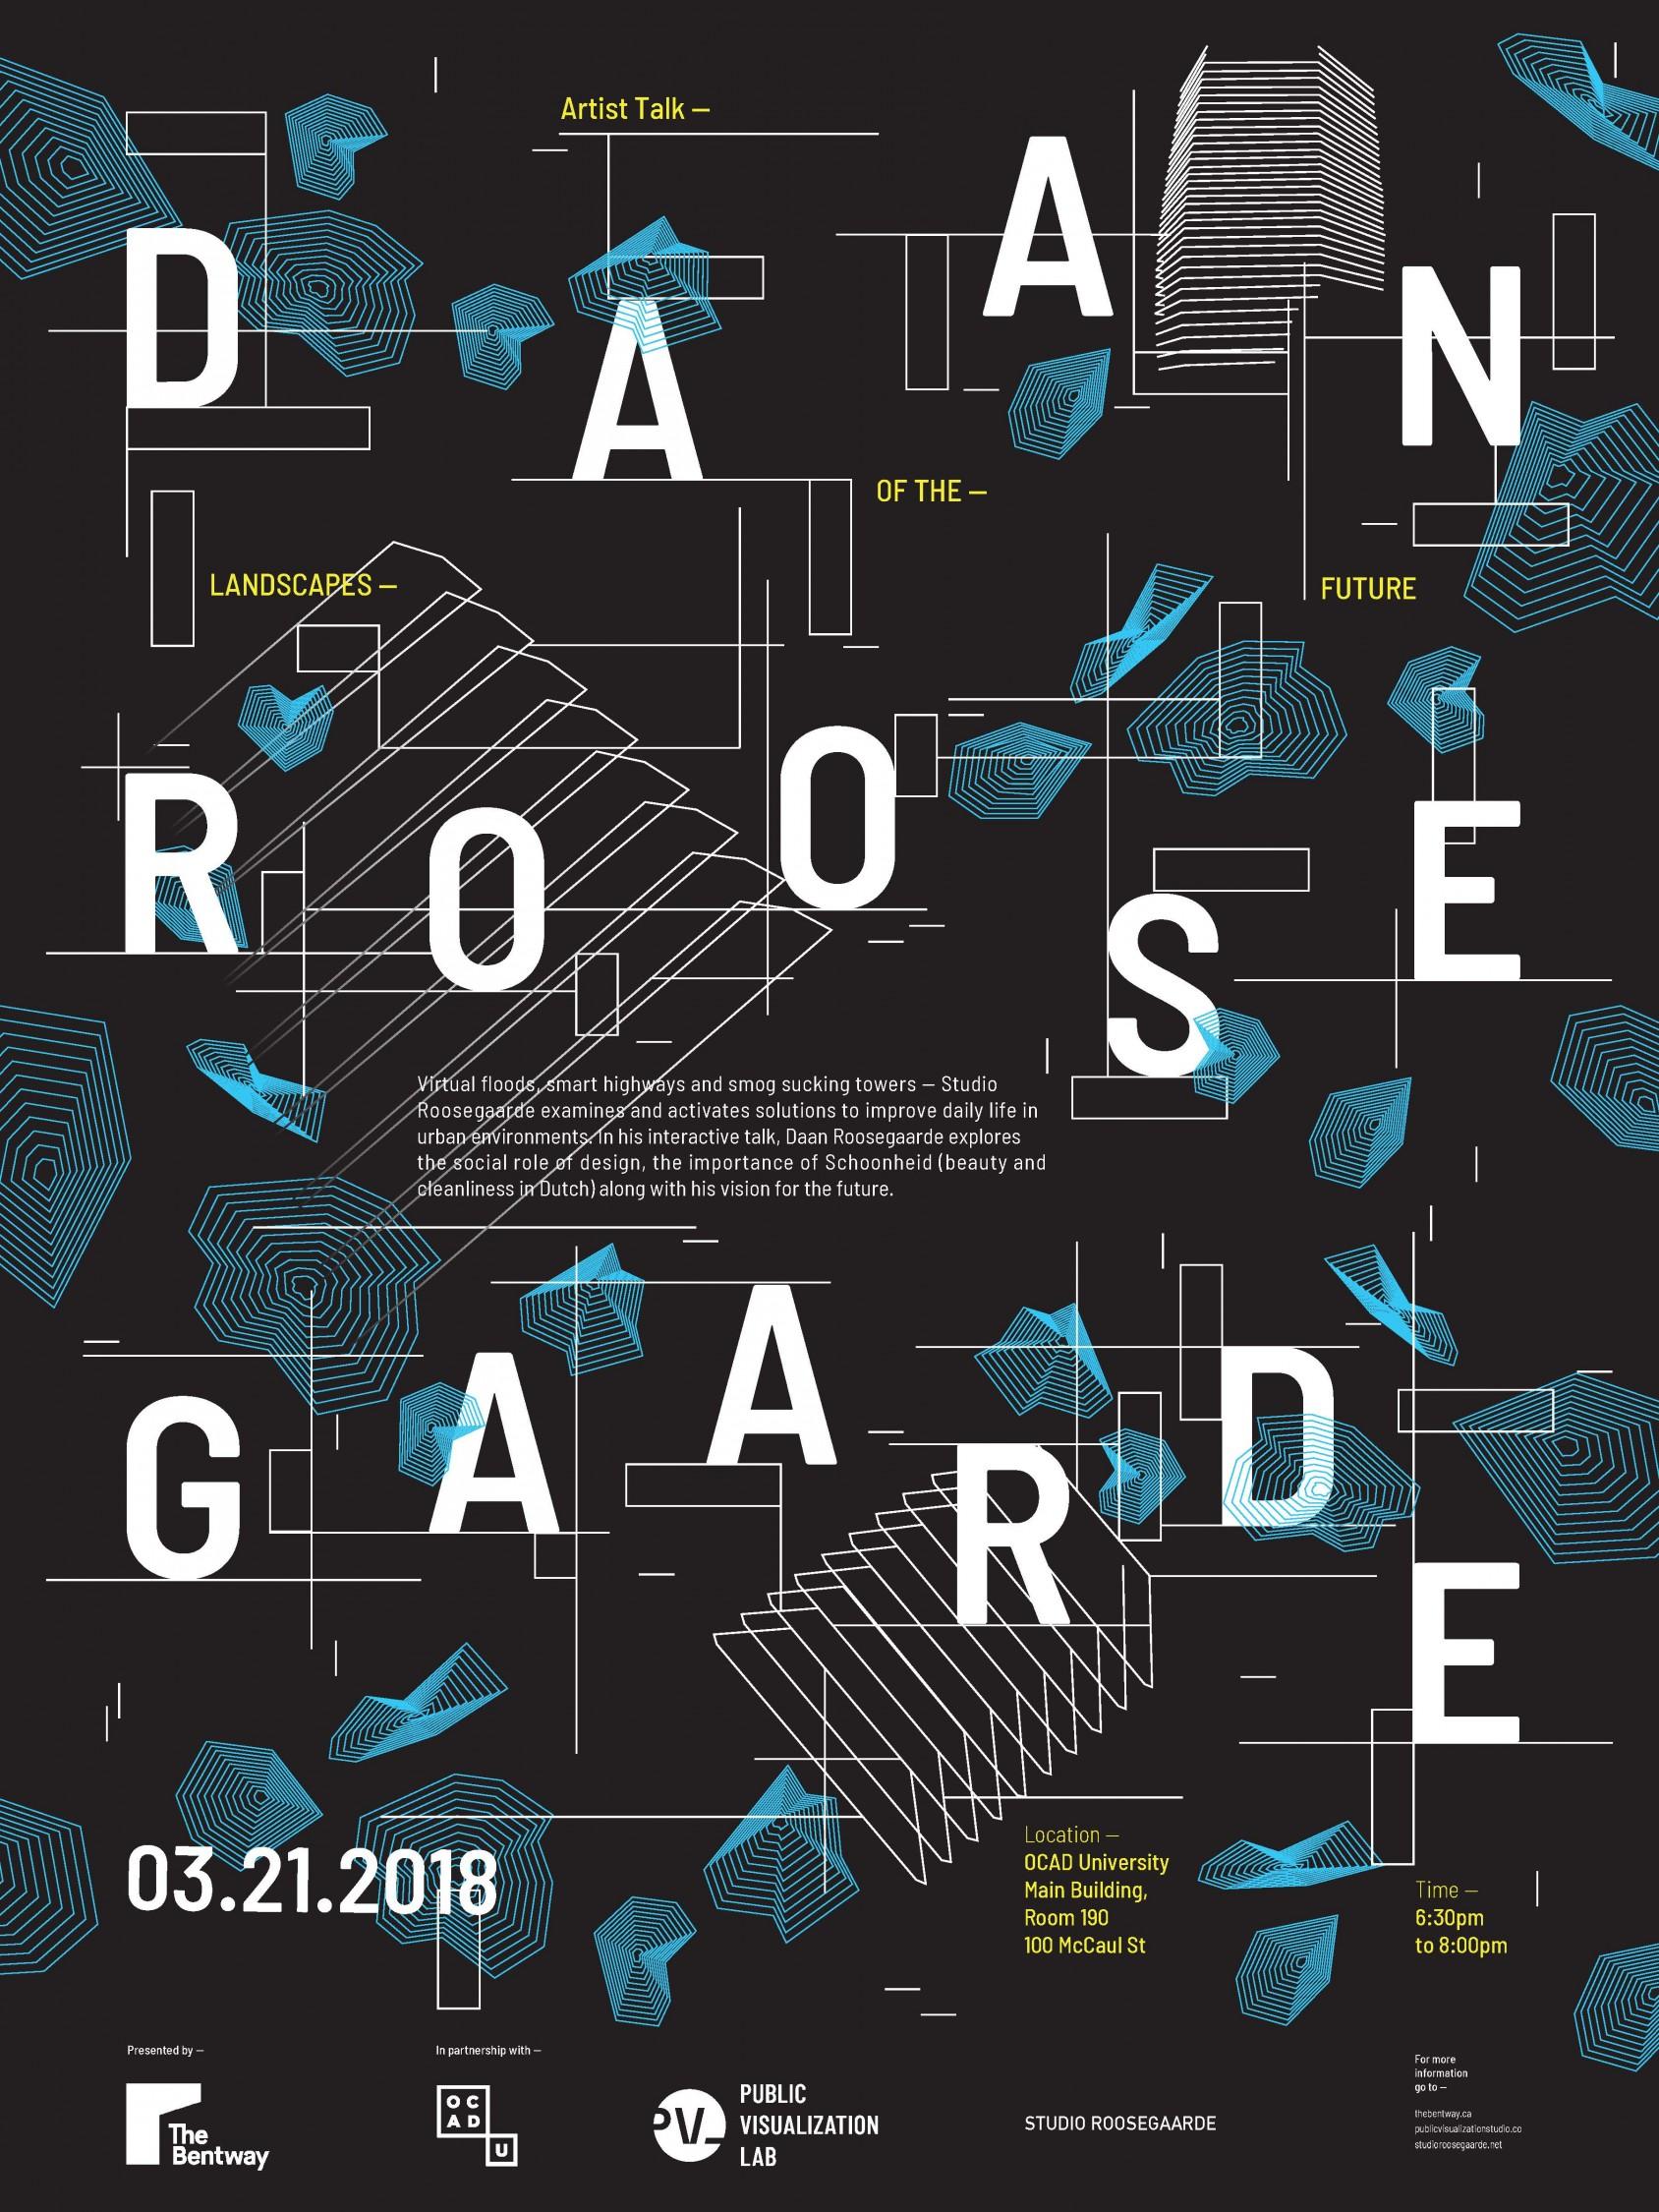 Artist Talk by Daan Roosegaarde